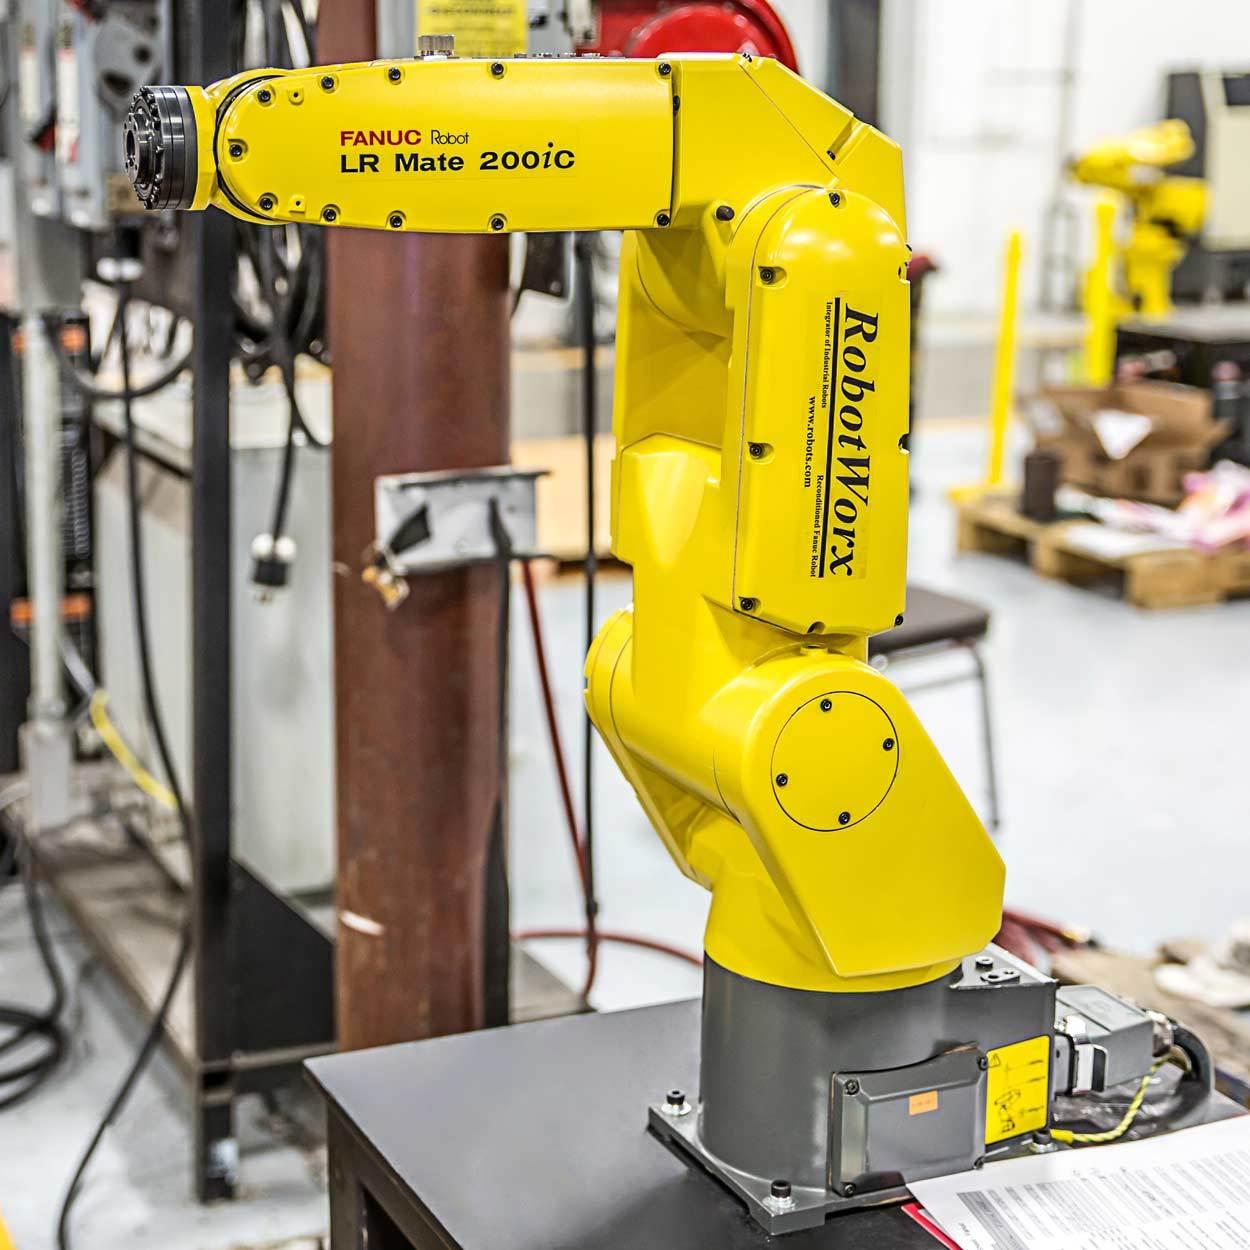 RobotWorx - FANUC LR Mate 200iC